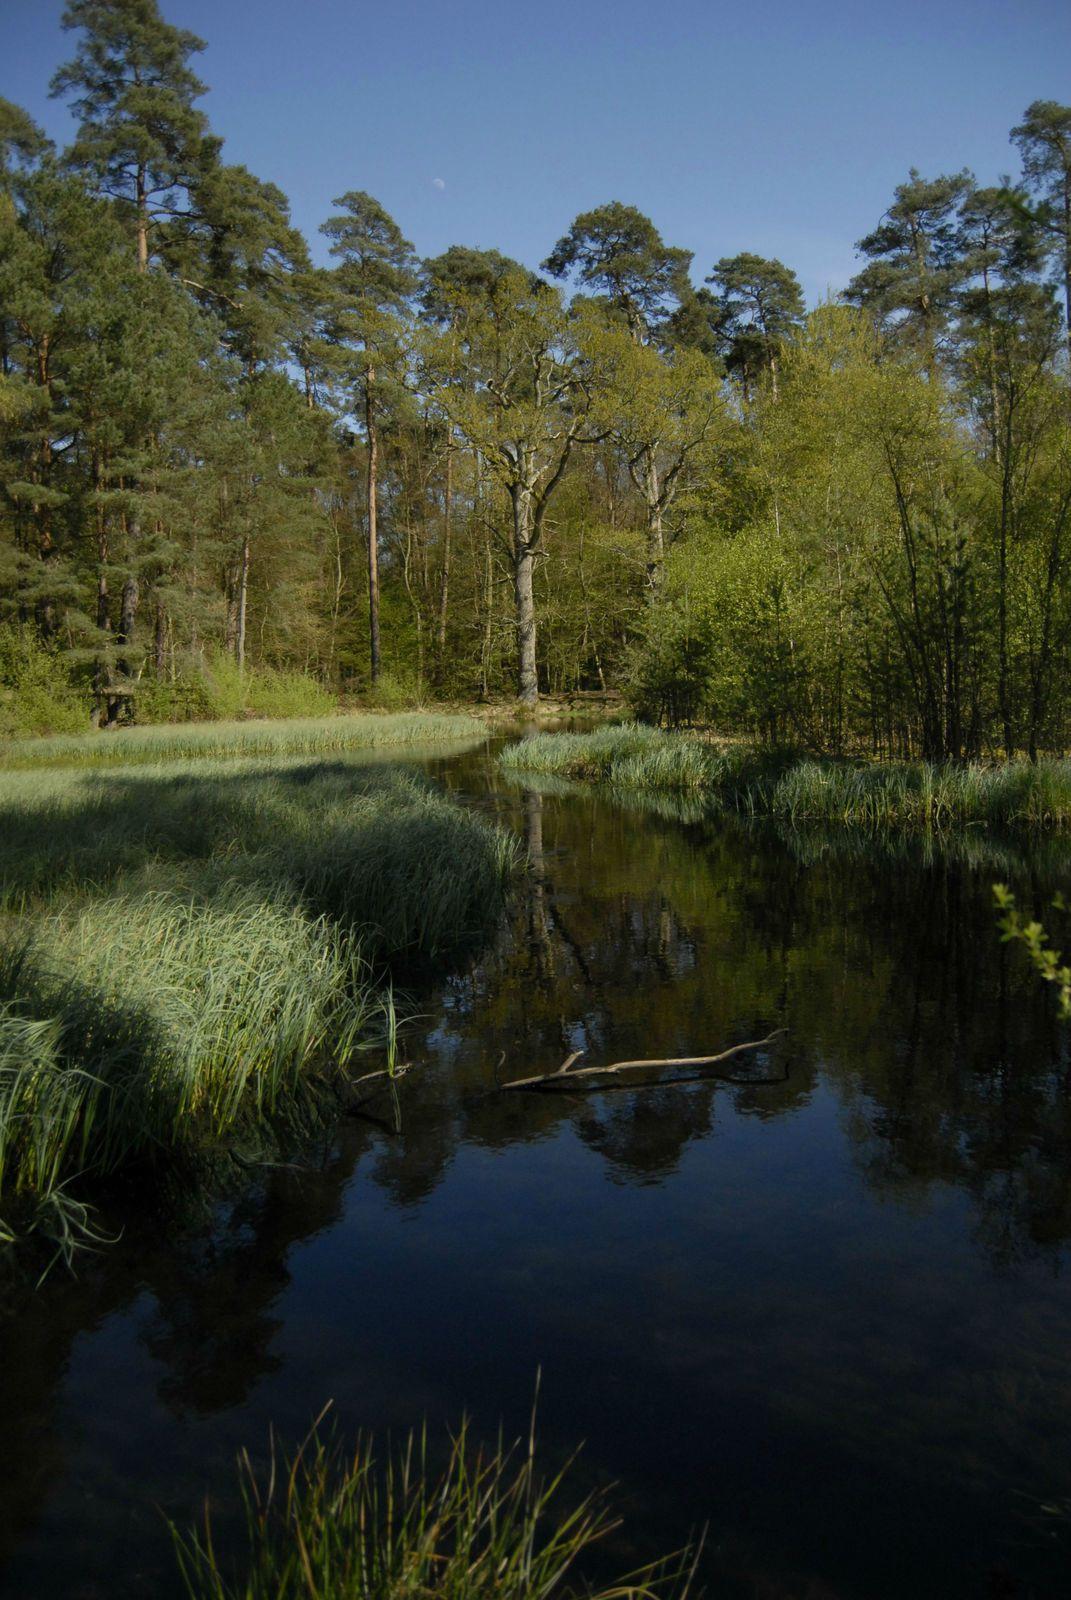 la mare Tonne est située au Nord-Ouest de la Forêt de Brotonne, la Mare Tonne est l'une des plus importantes de ce vaste massif forestier.